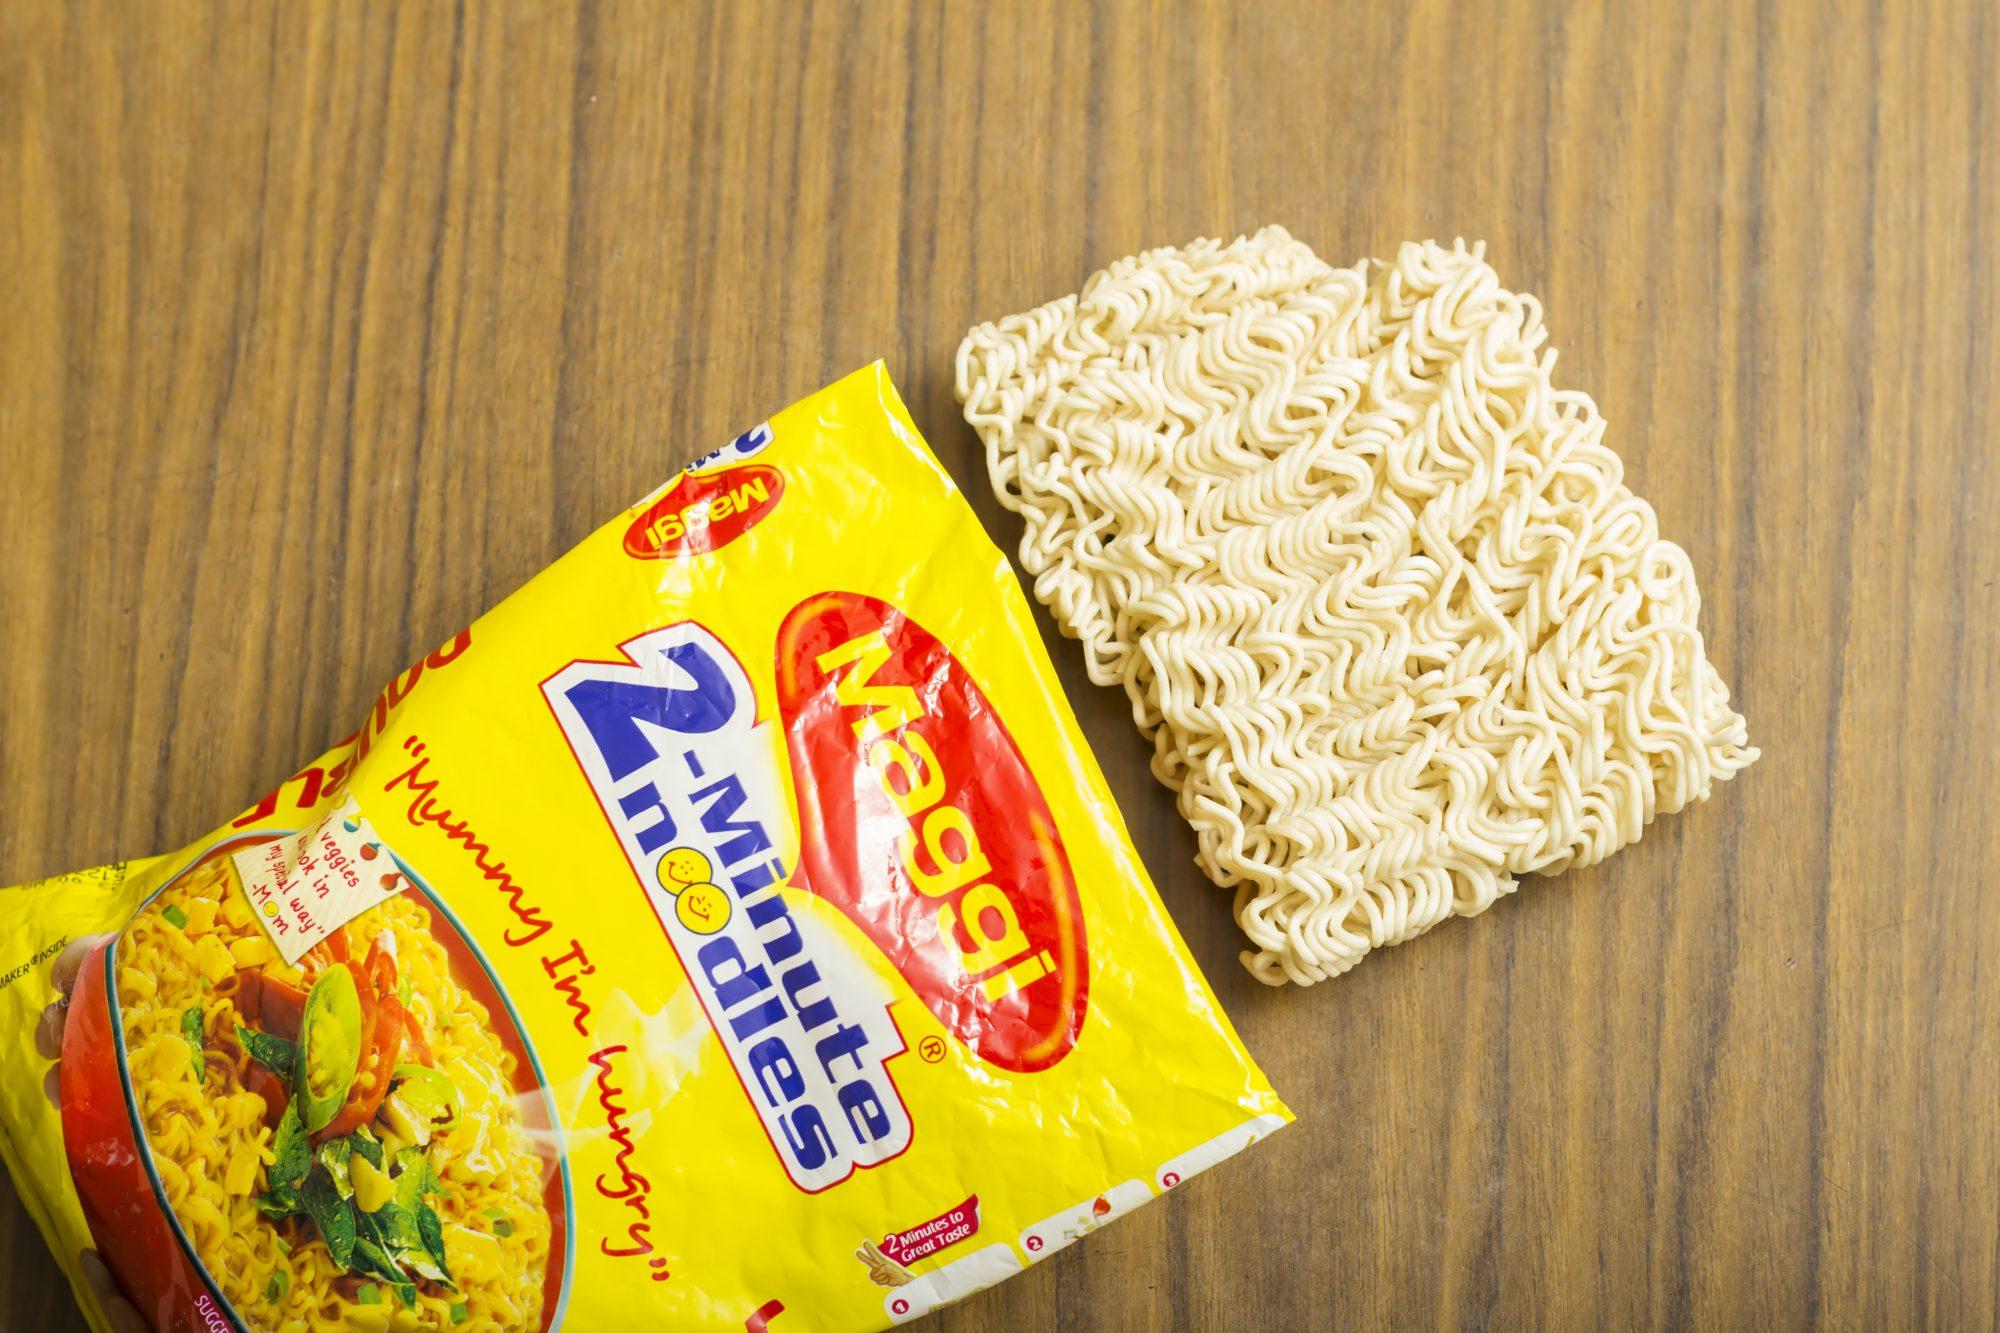 Mr-Maggi Noodles